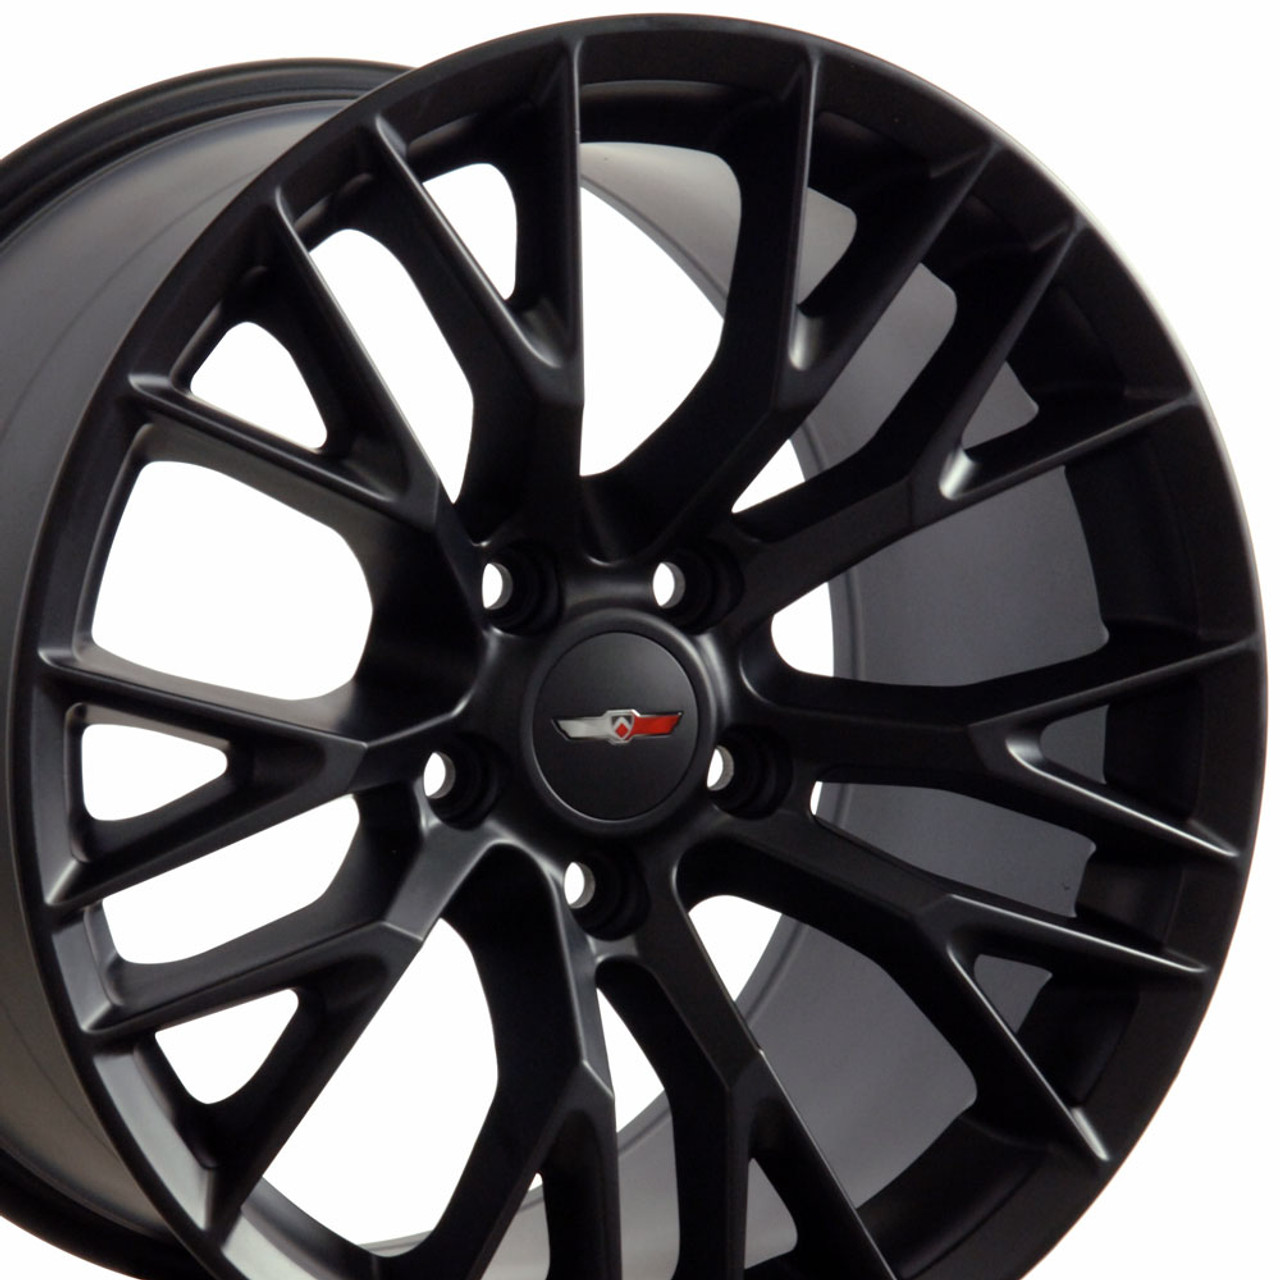 pilot wheels tires chevrolet rims oem michelin stingray sets shop corvette